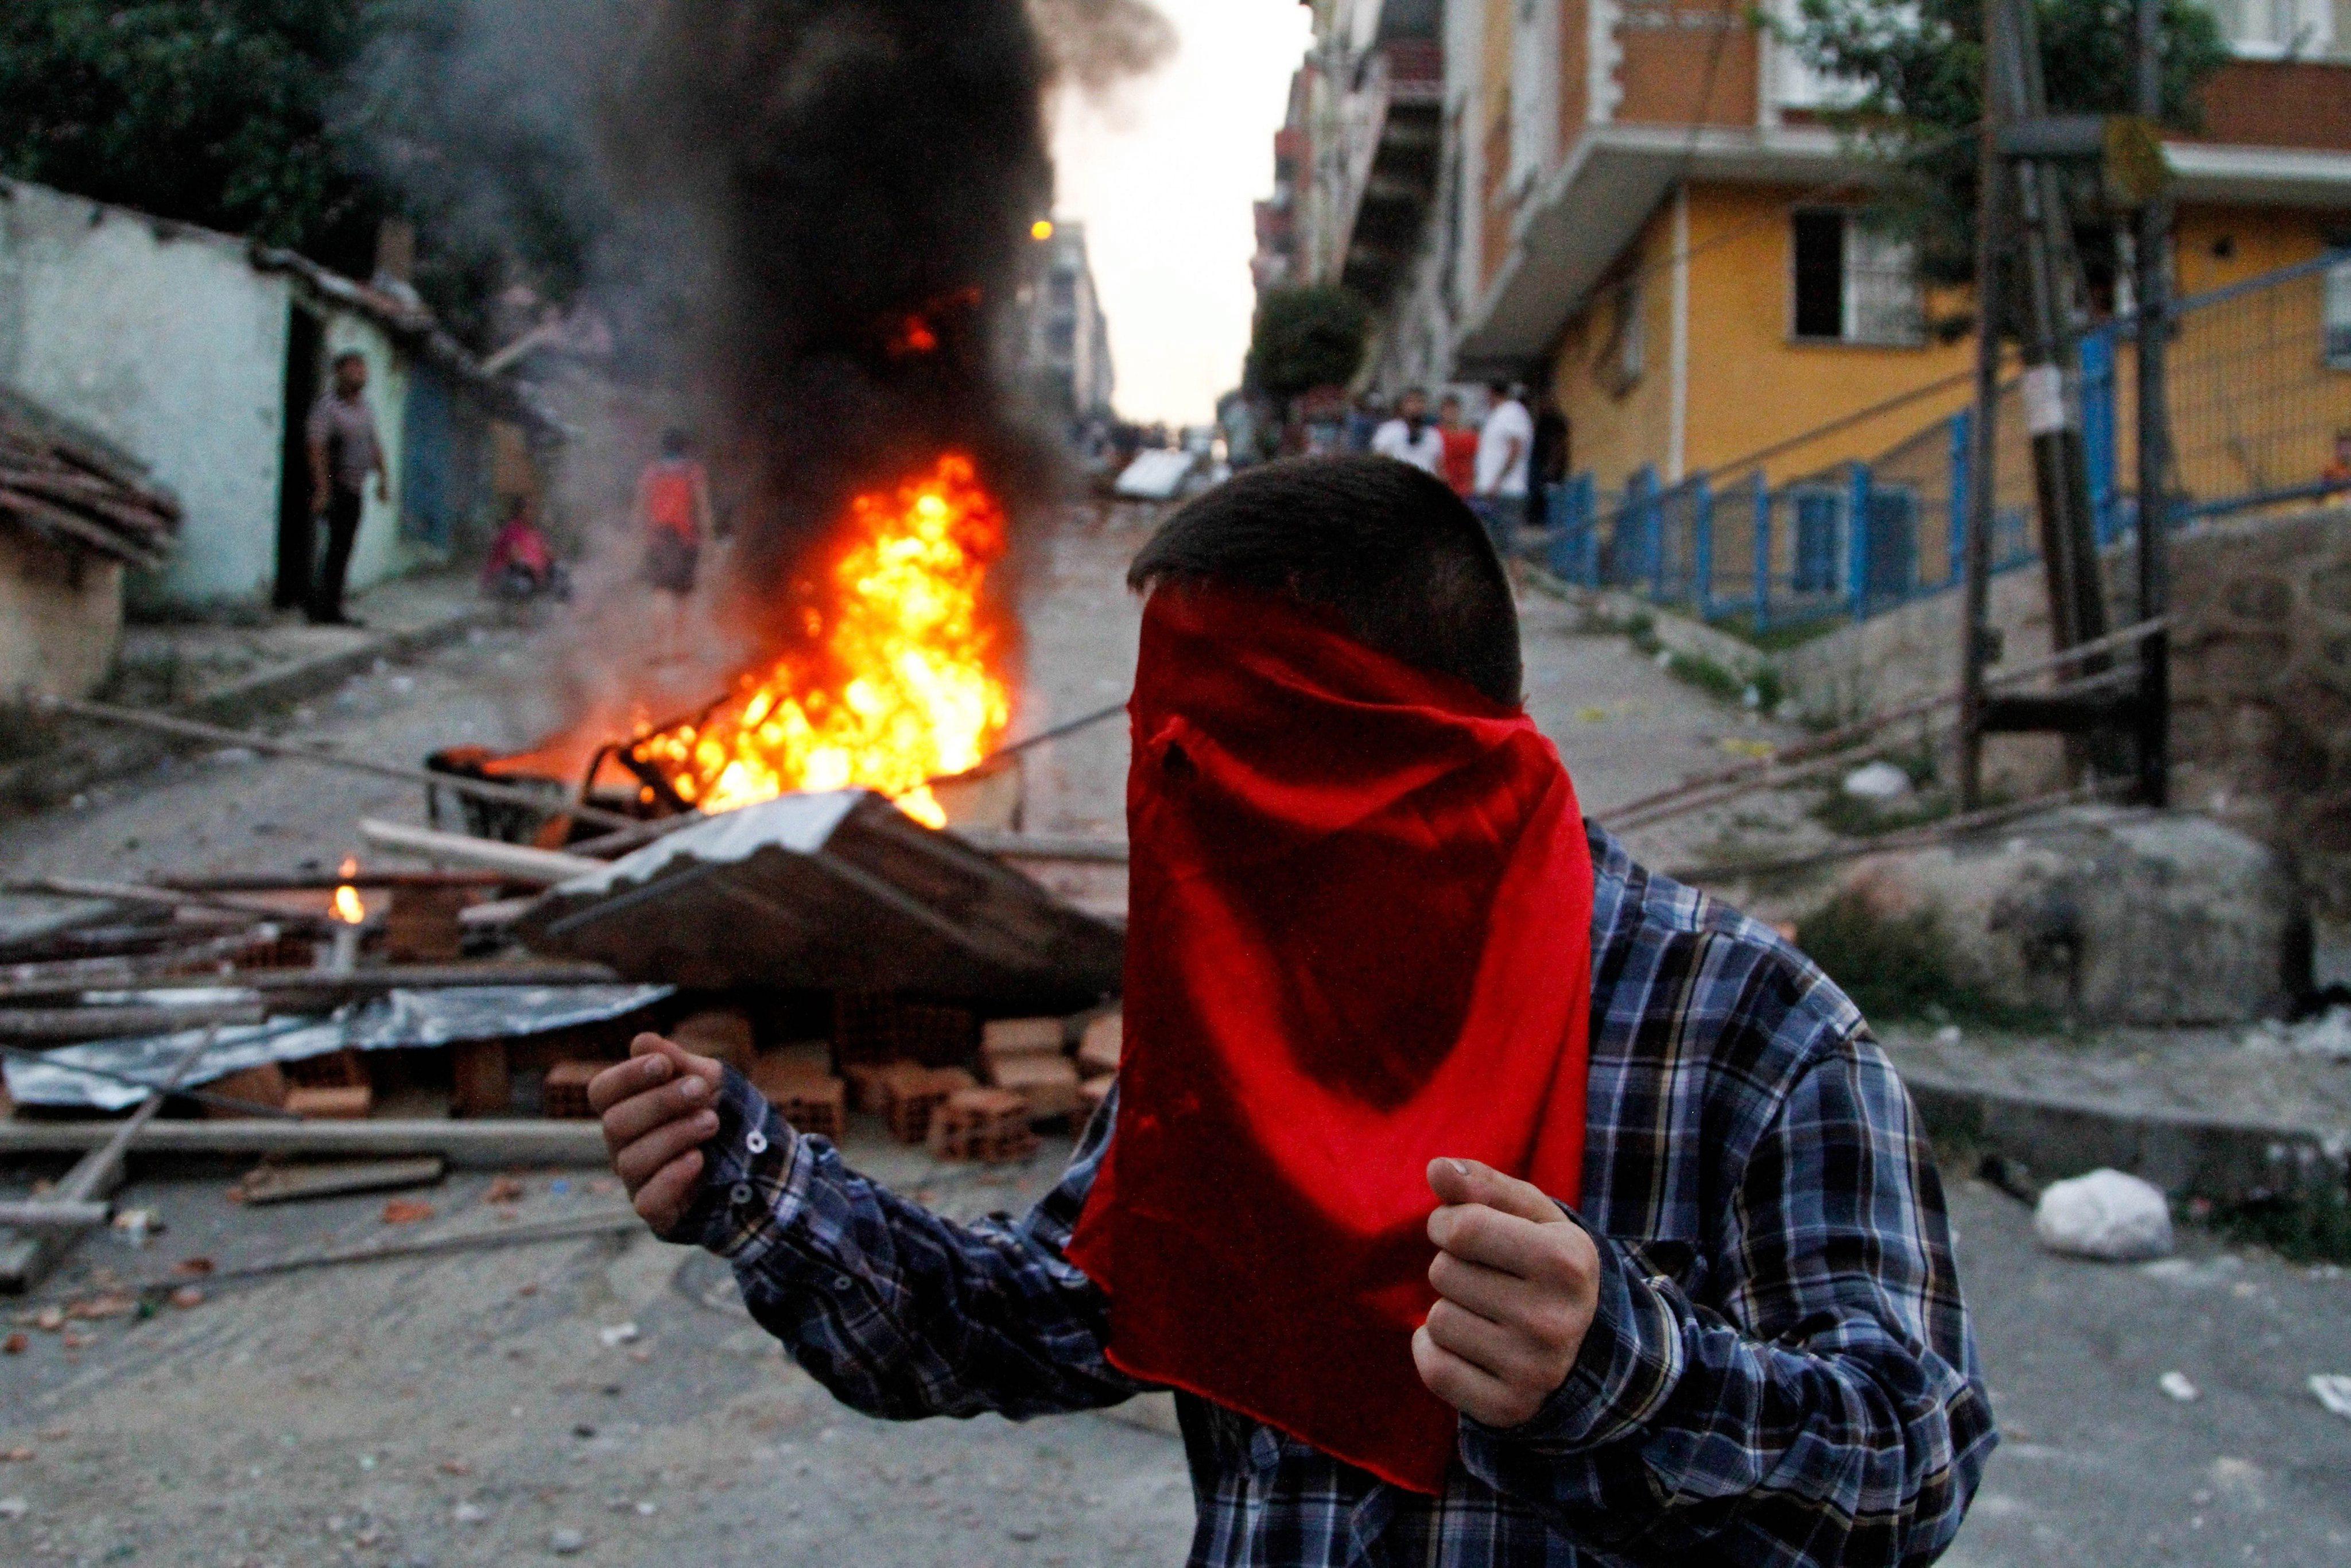 Violentele din Turcia se intensifica, Ankara continua raidurile contra rebelilor kurzi. Reuniune de urgenta a NATO. VIDEO